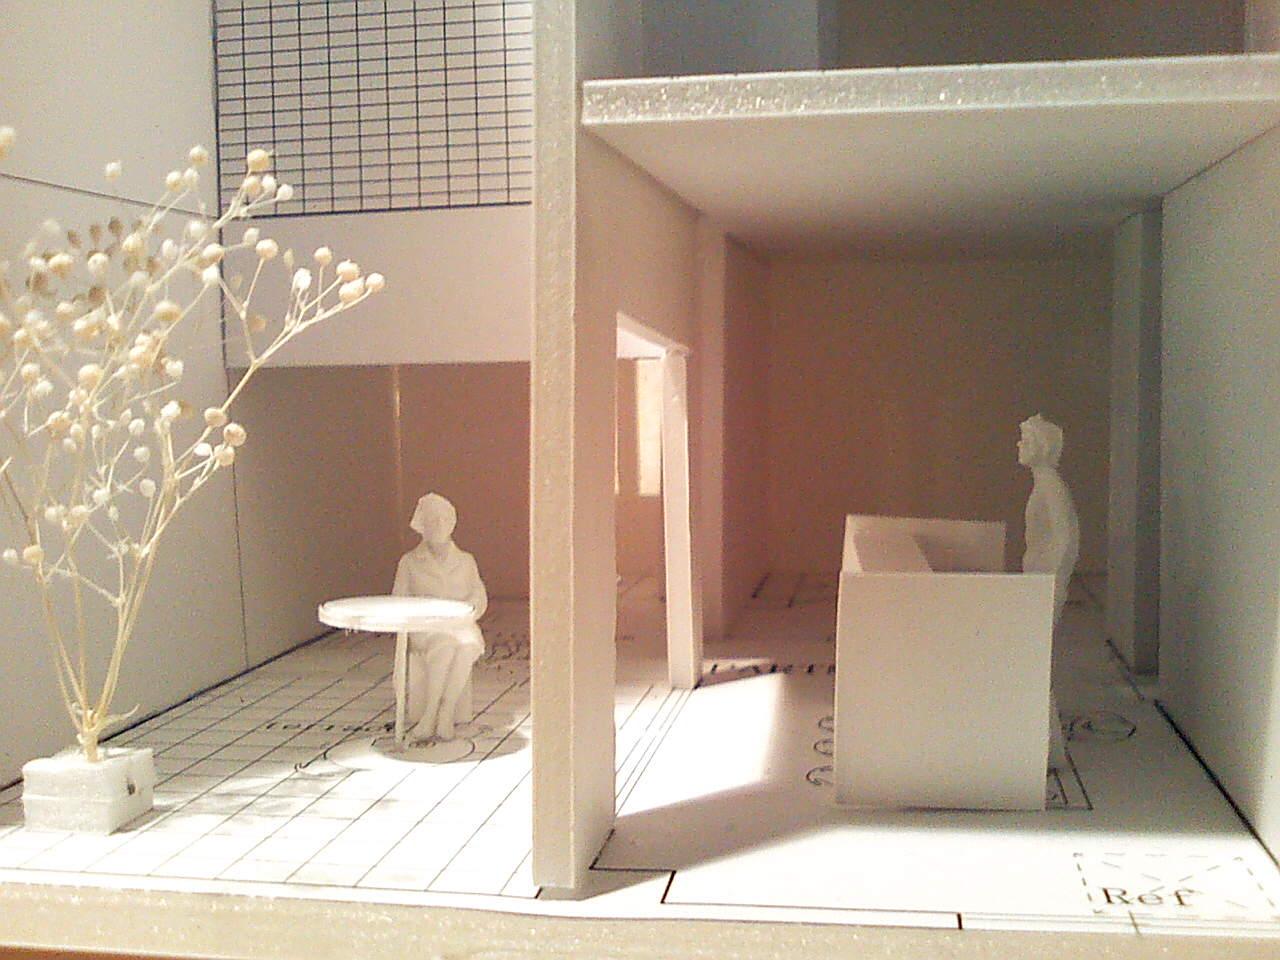 住宅展 Vol.1 「ちょっと気になる家づくり。お話しませんか?」_e0028417_1926110.jpg